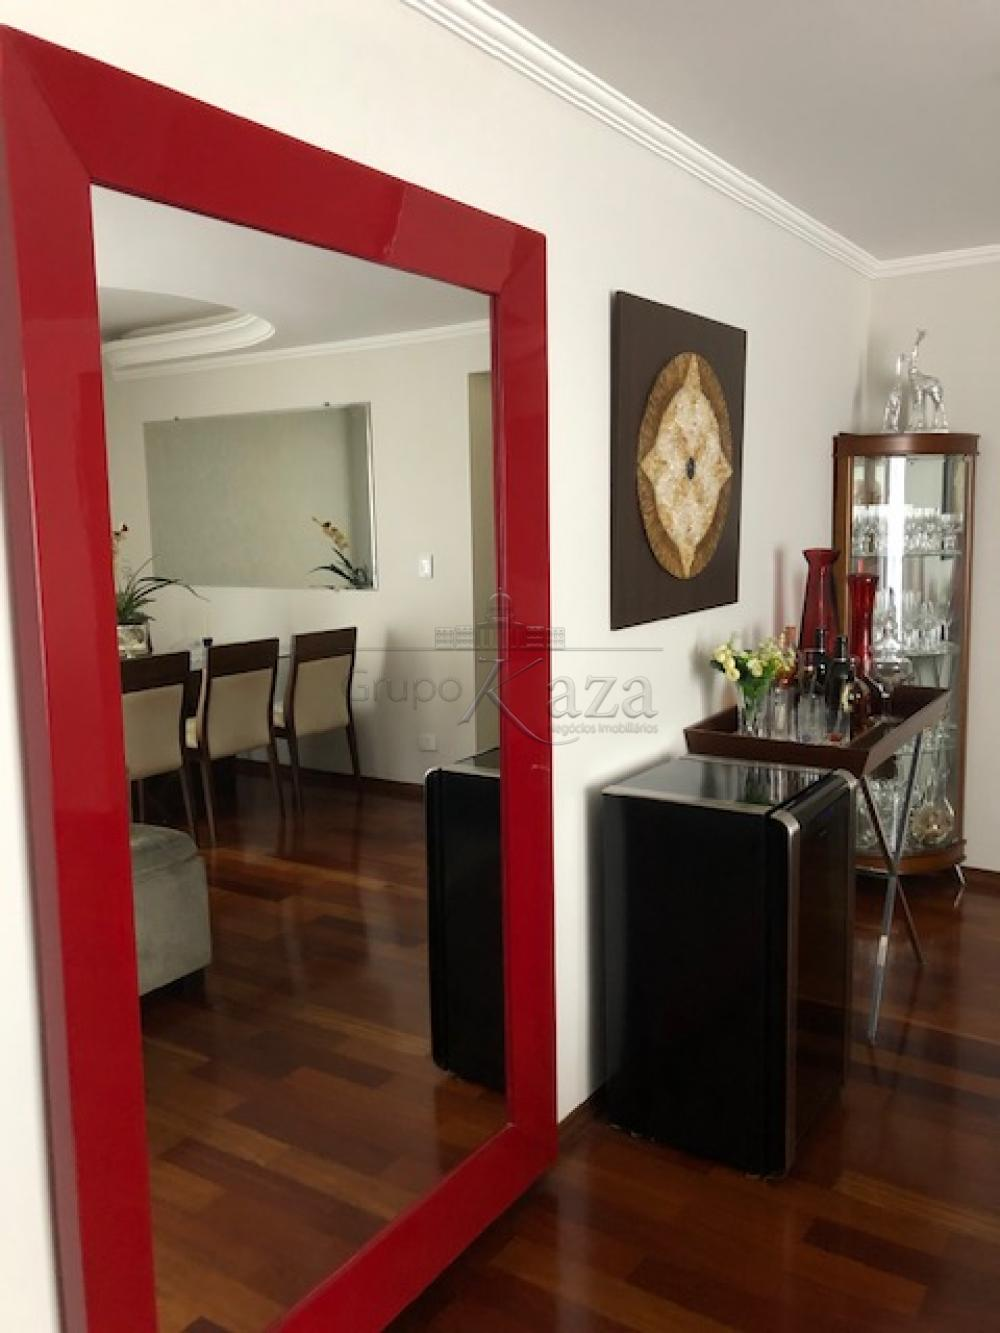 Comprar Apartamento / Padrão em São José dos Campos apenas R$ 435.000,00 - Foto 11